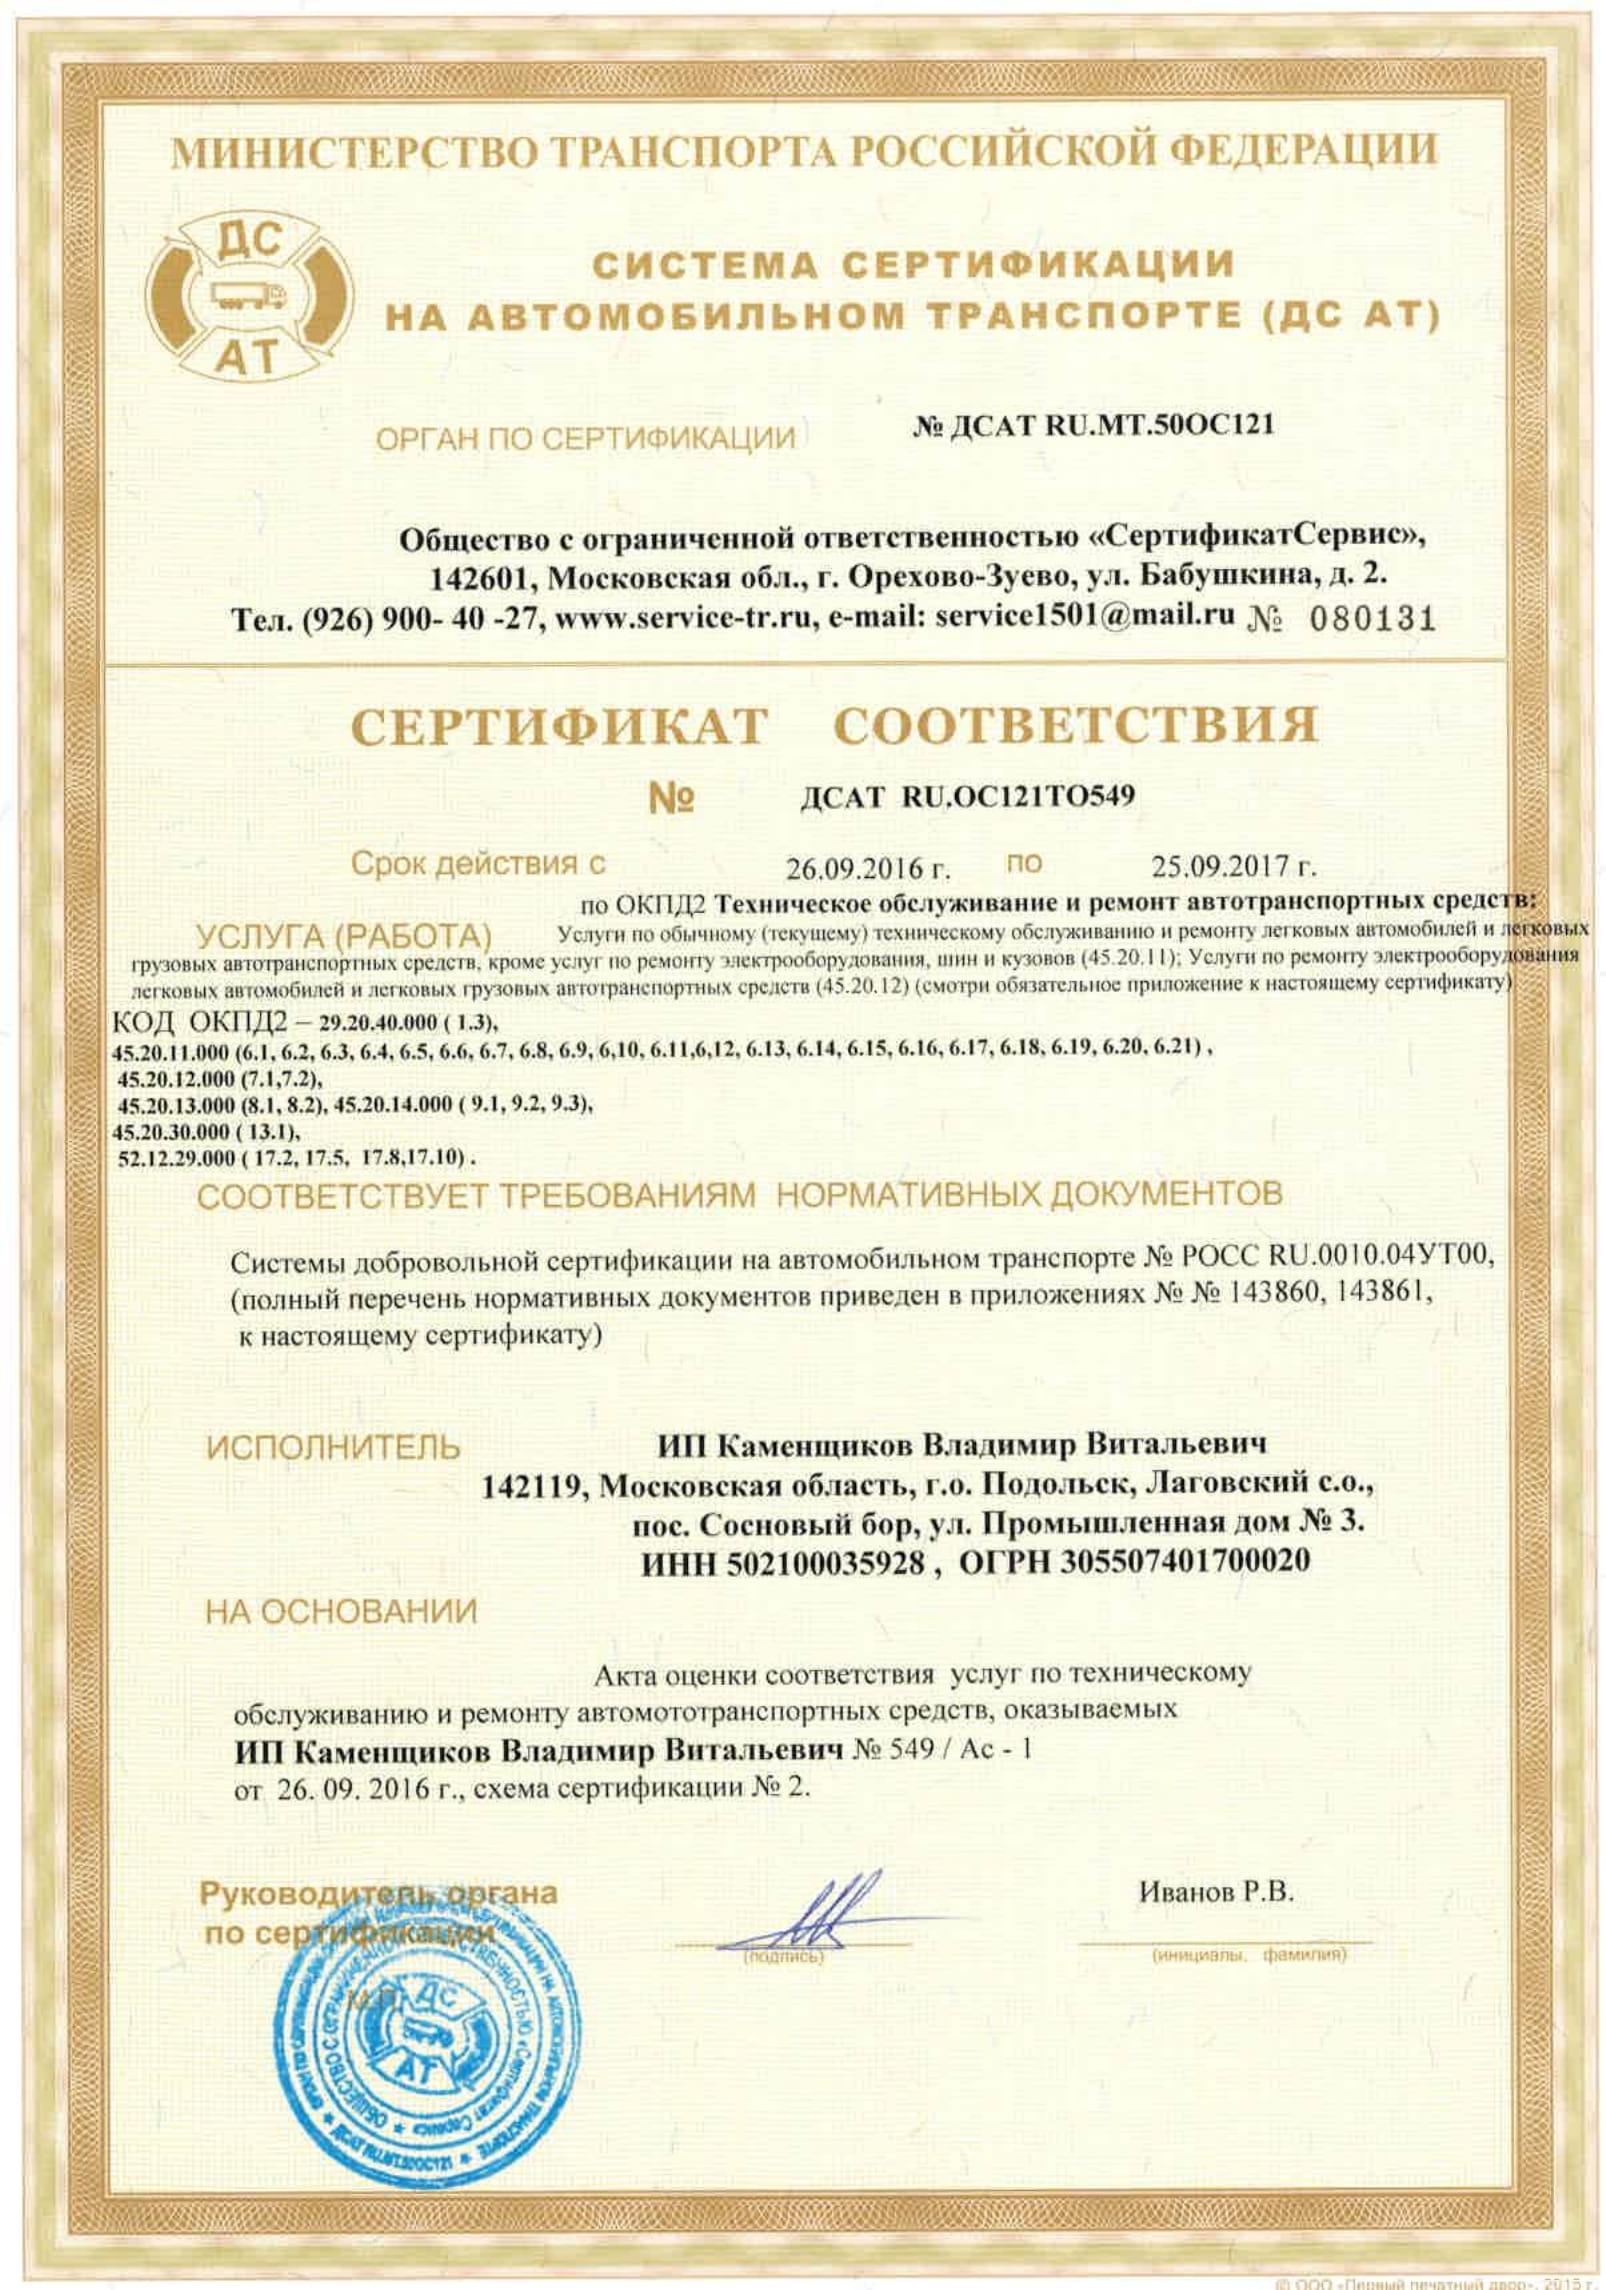 Аккредитация Каменщиков